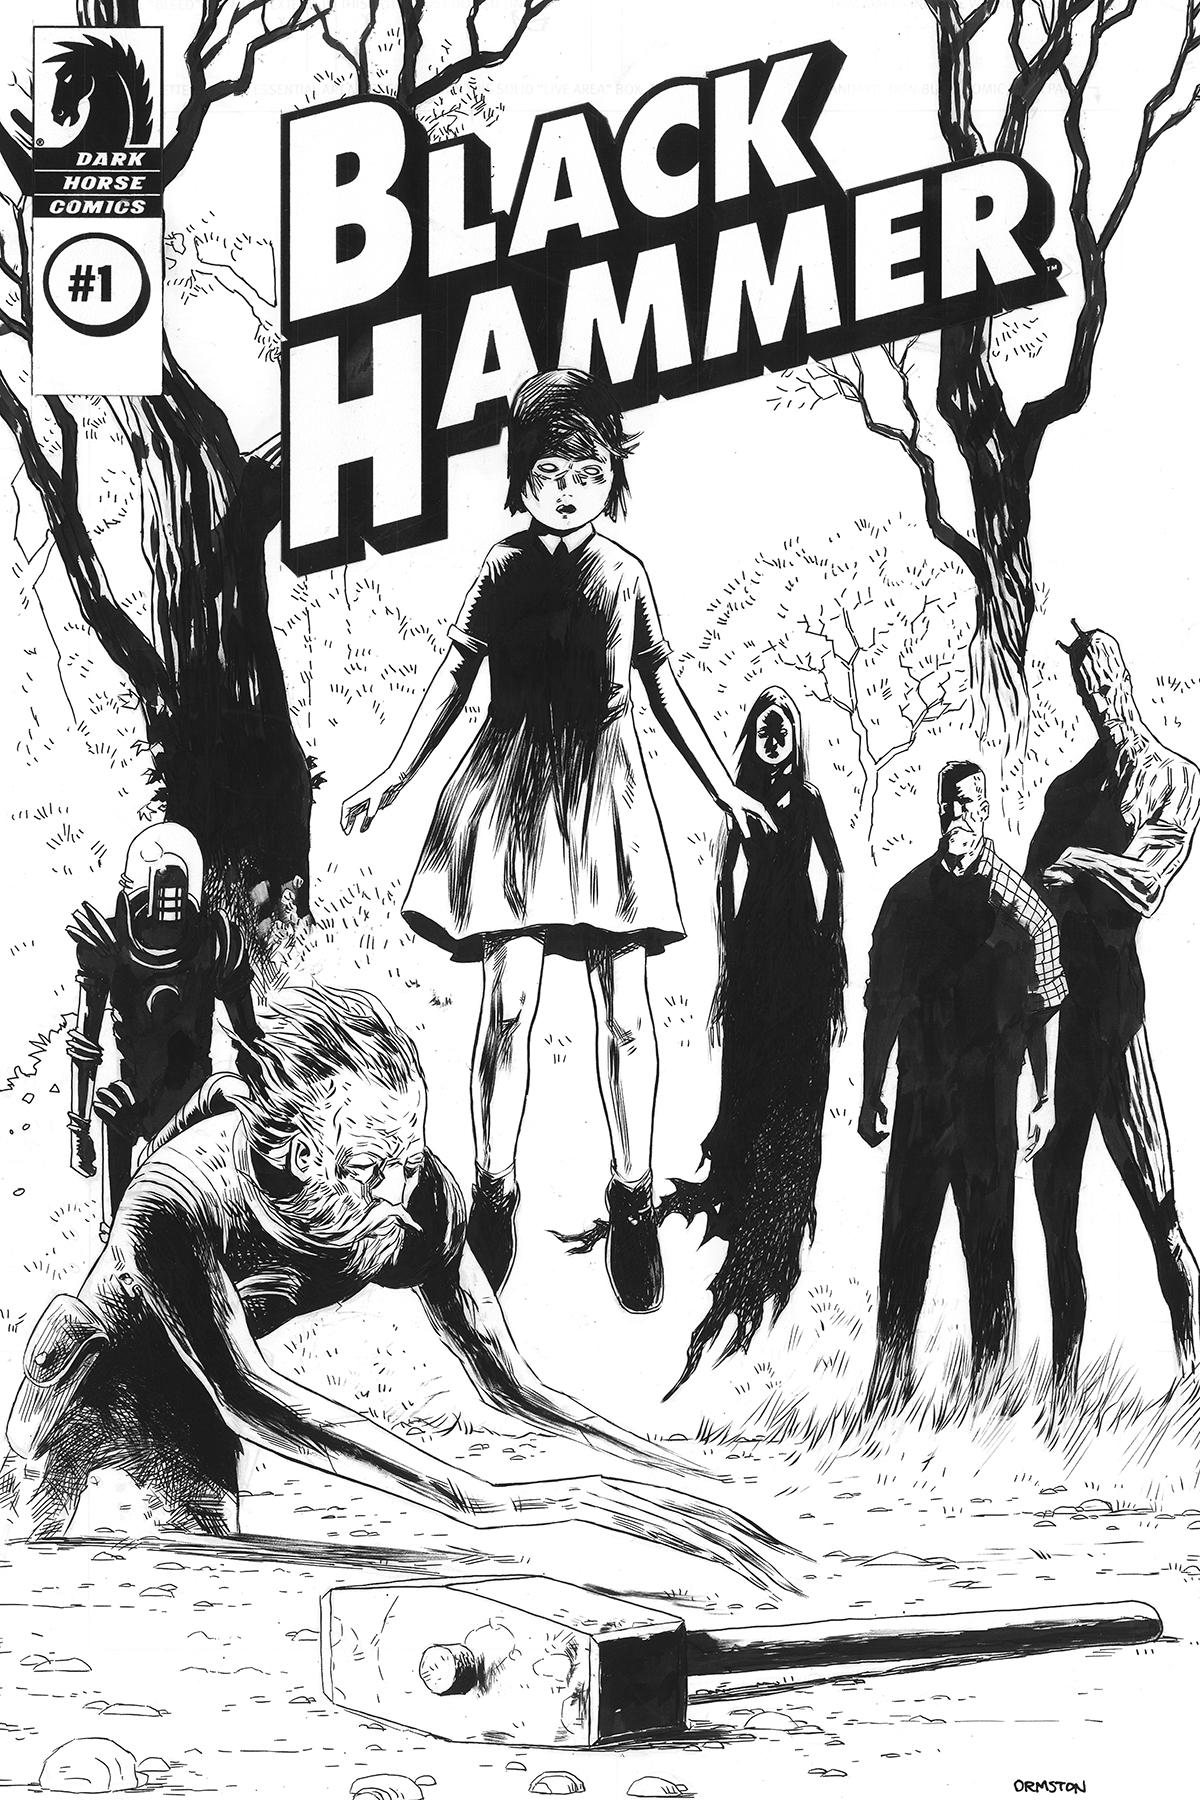 BLACK HAMMER #1 DIRECTORS CUT